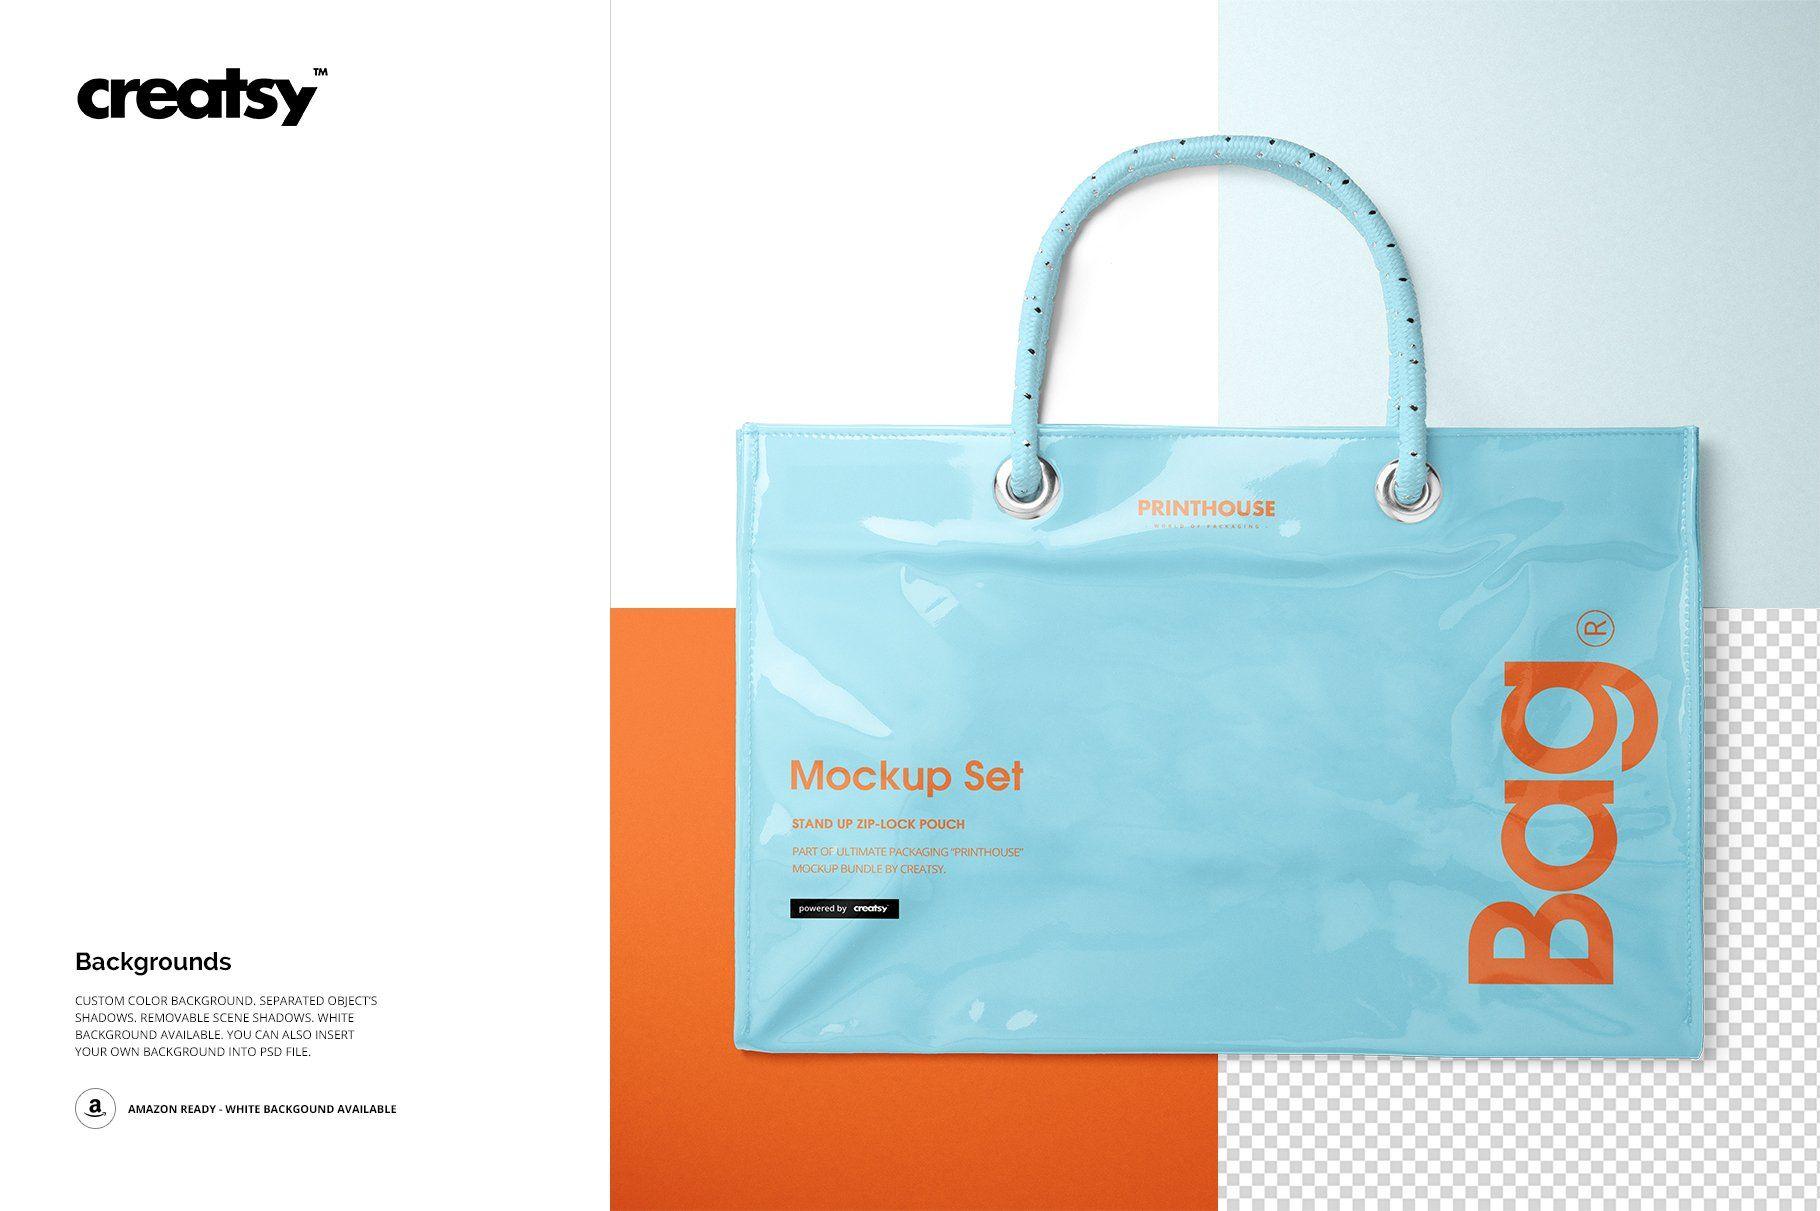 Download Vinyl Pvc Reusable Tote Bag Mockups Bag Mockup Bags Tote Bag